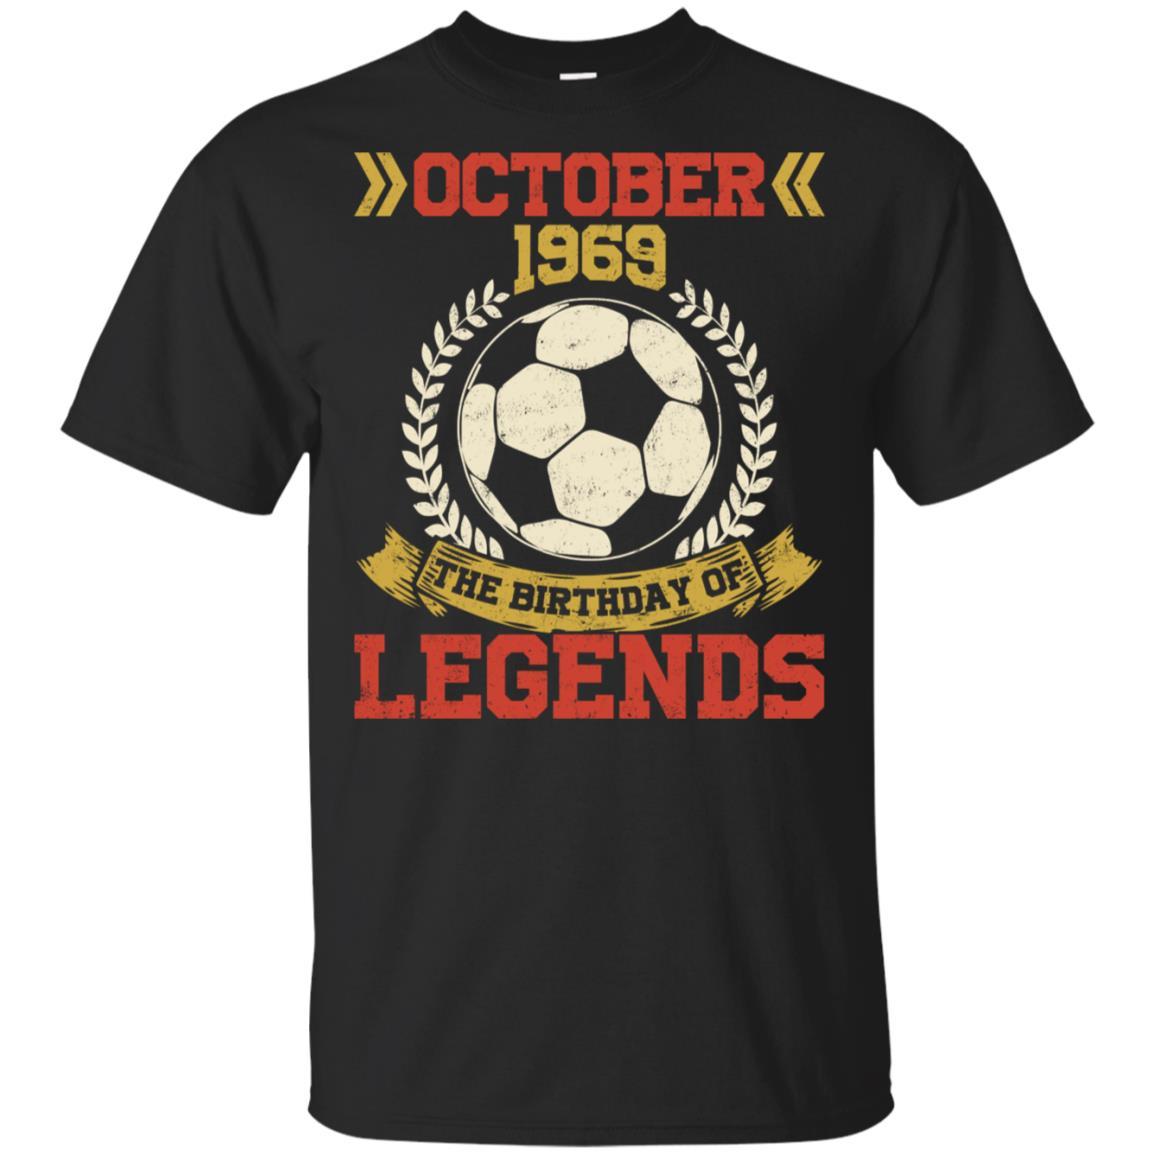 1969 October 49th Birthday Of Football Soccer Legend Unisex Short Sleeve